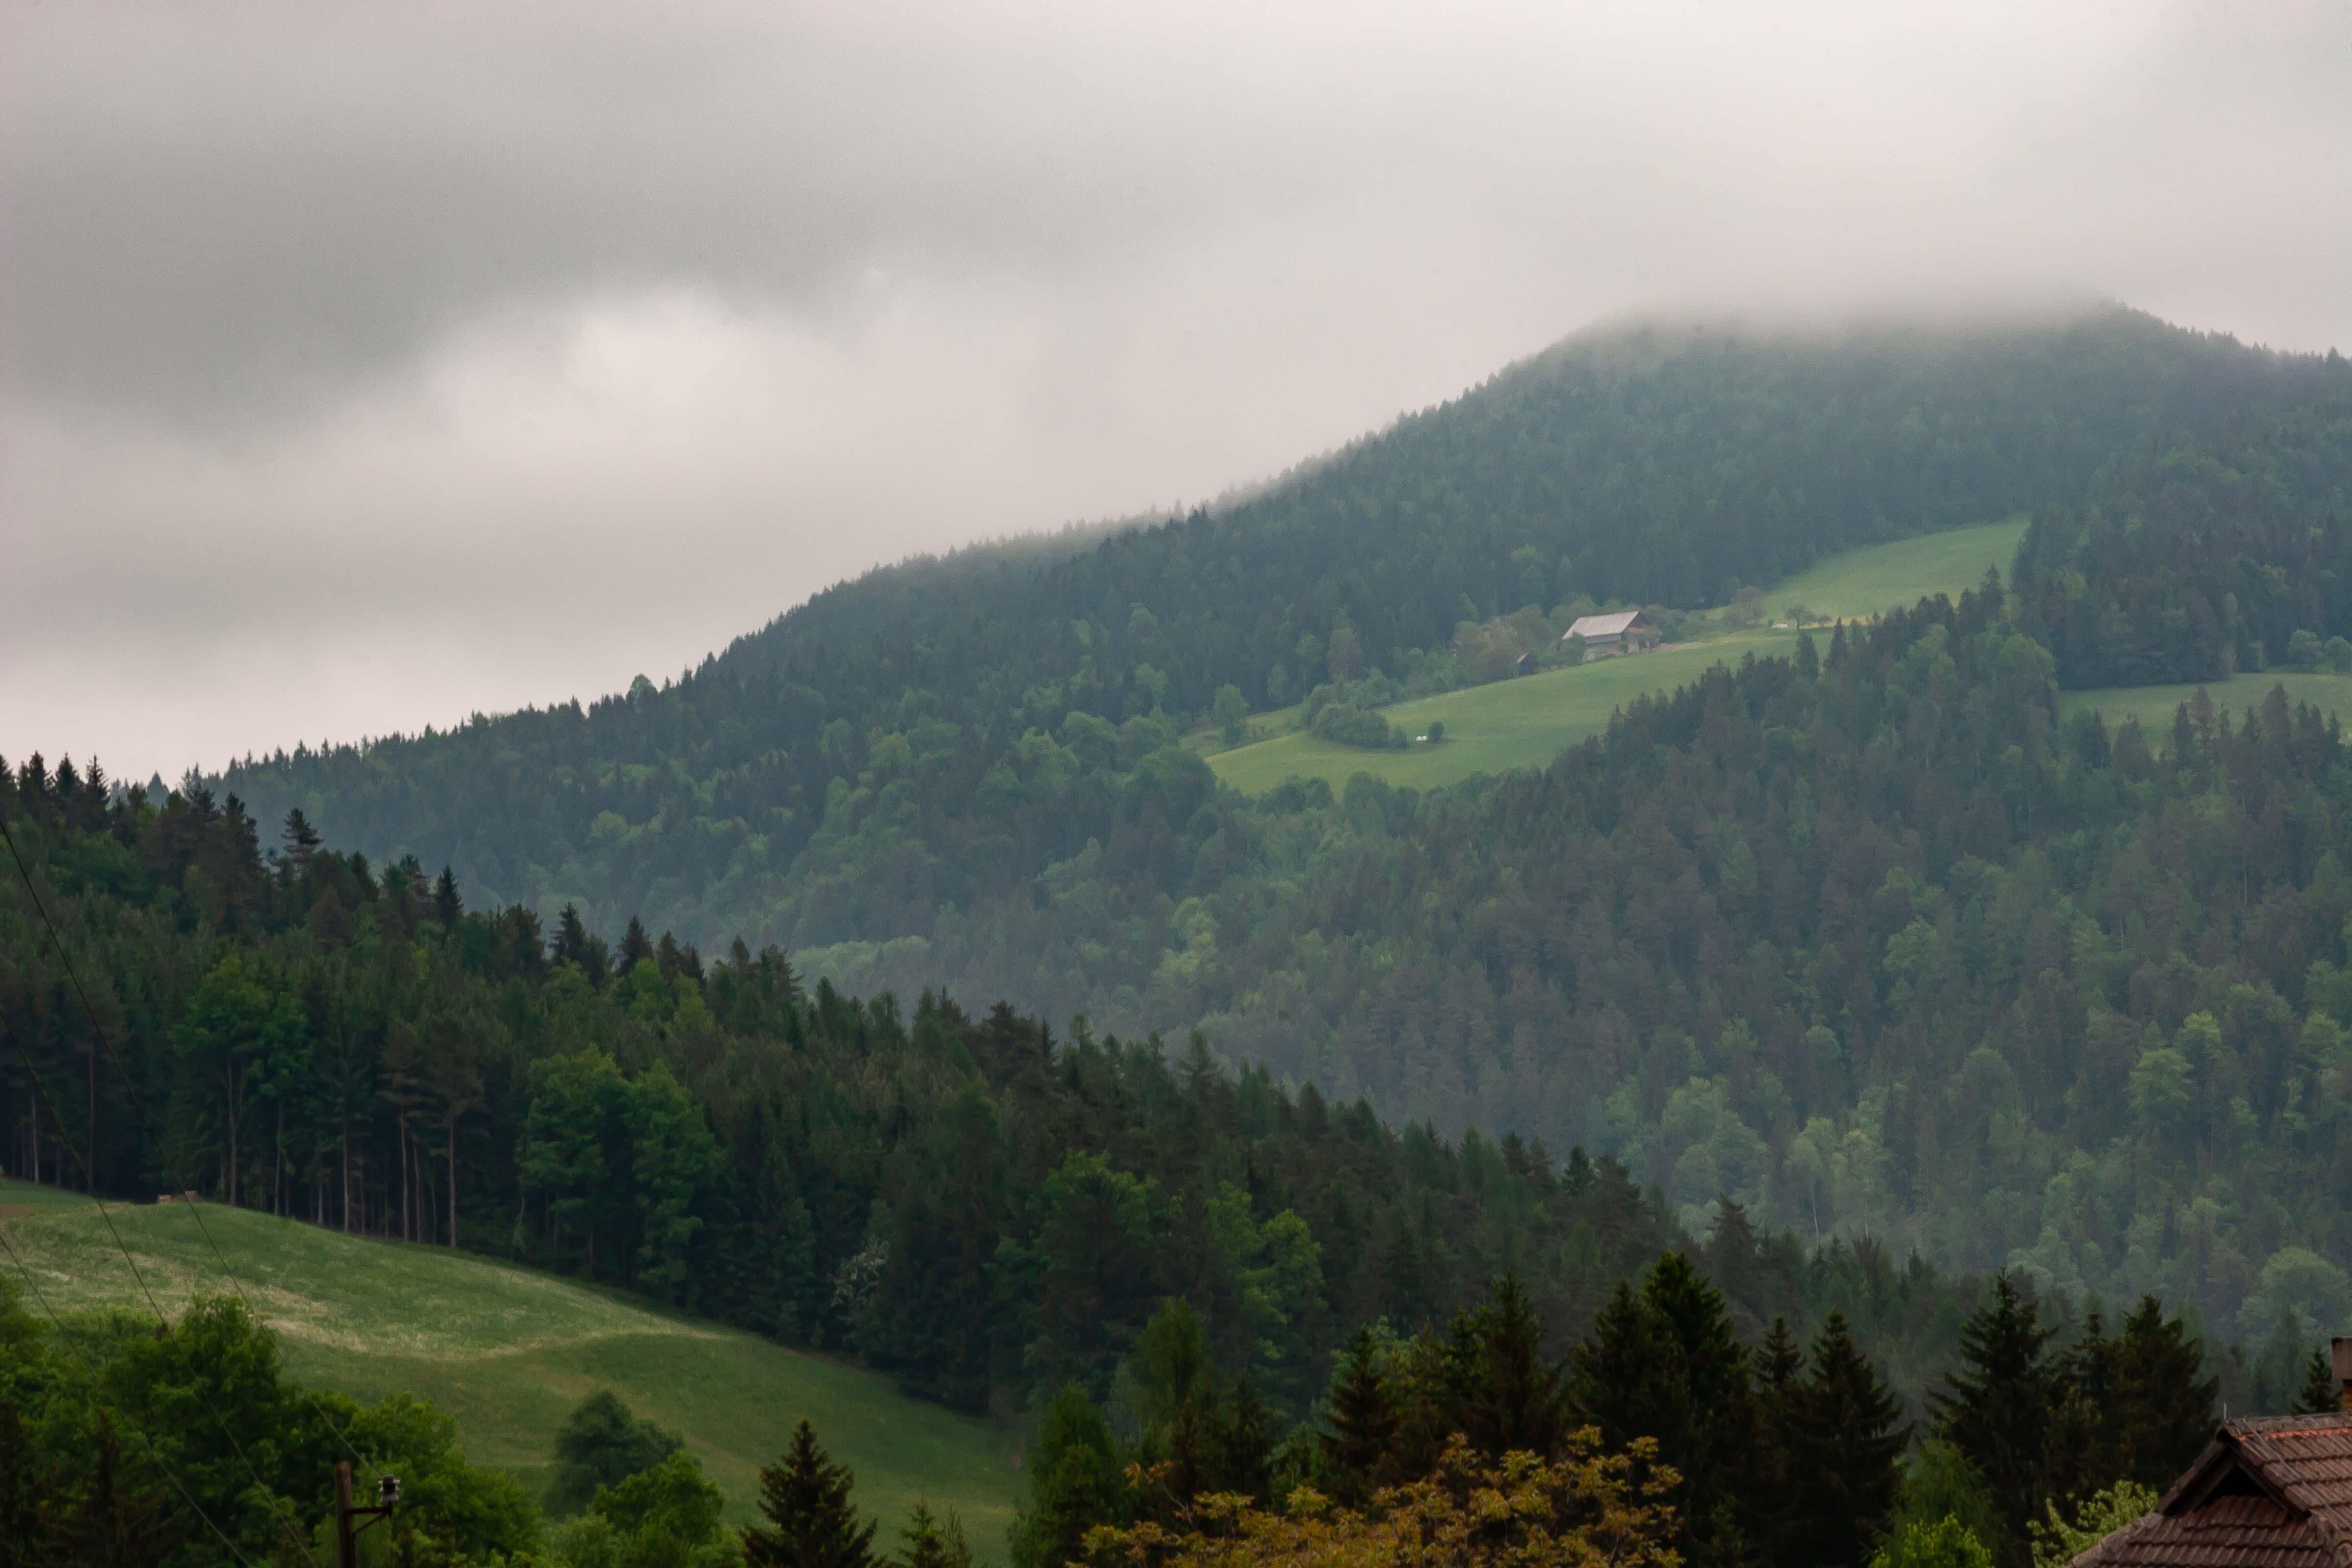 Slovenia, Mezica Prov, Mountainside, 2006, IMG 8454